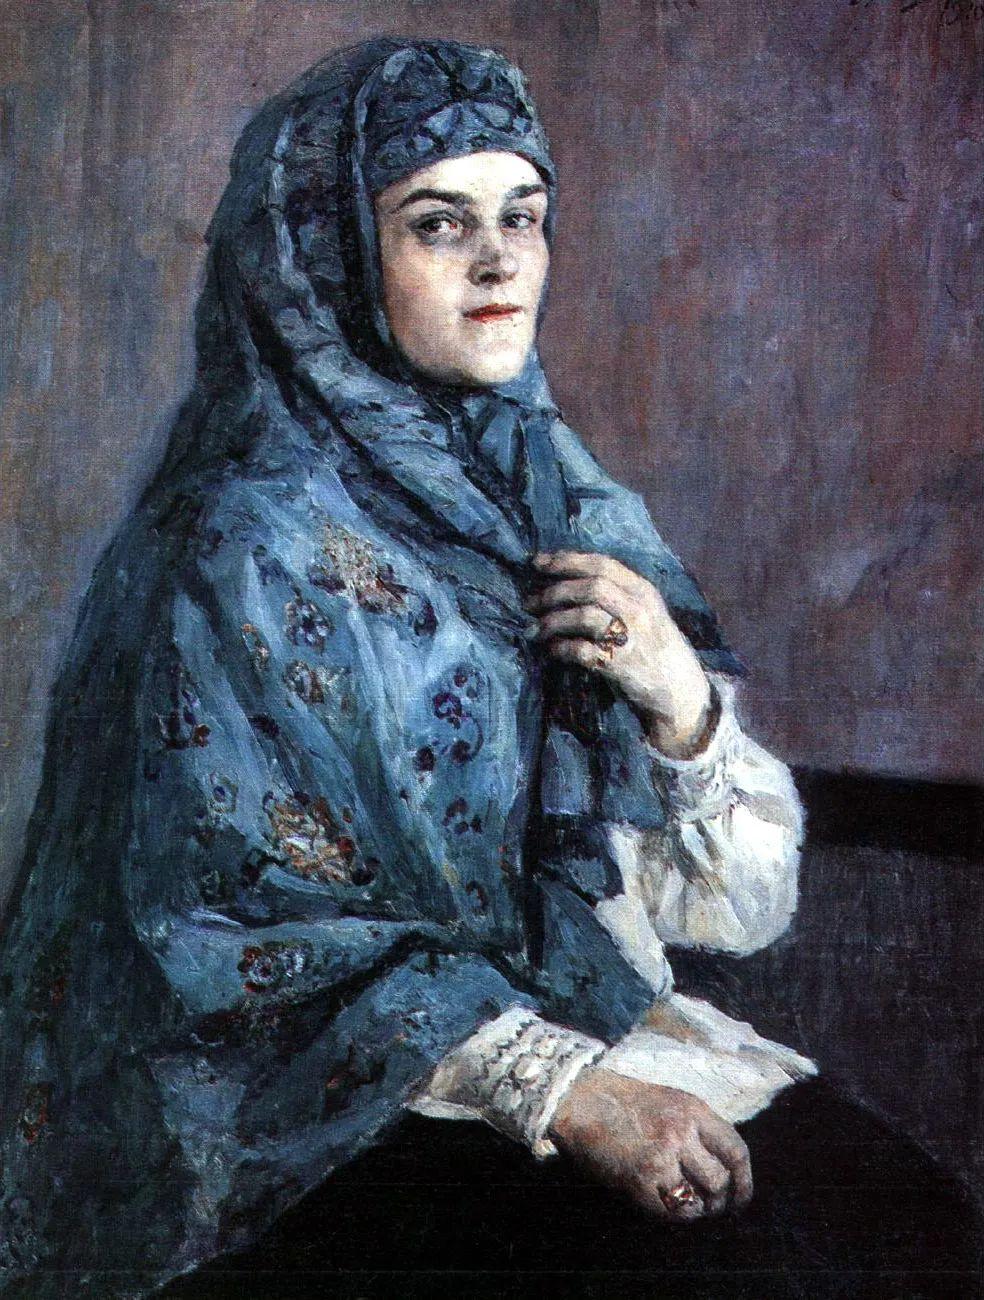 俄罗斯画坛先驱人物,瓦西里·苏里科夫人物作品选粹插图2